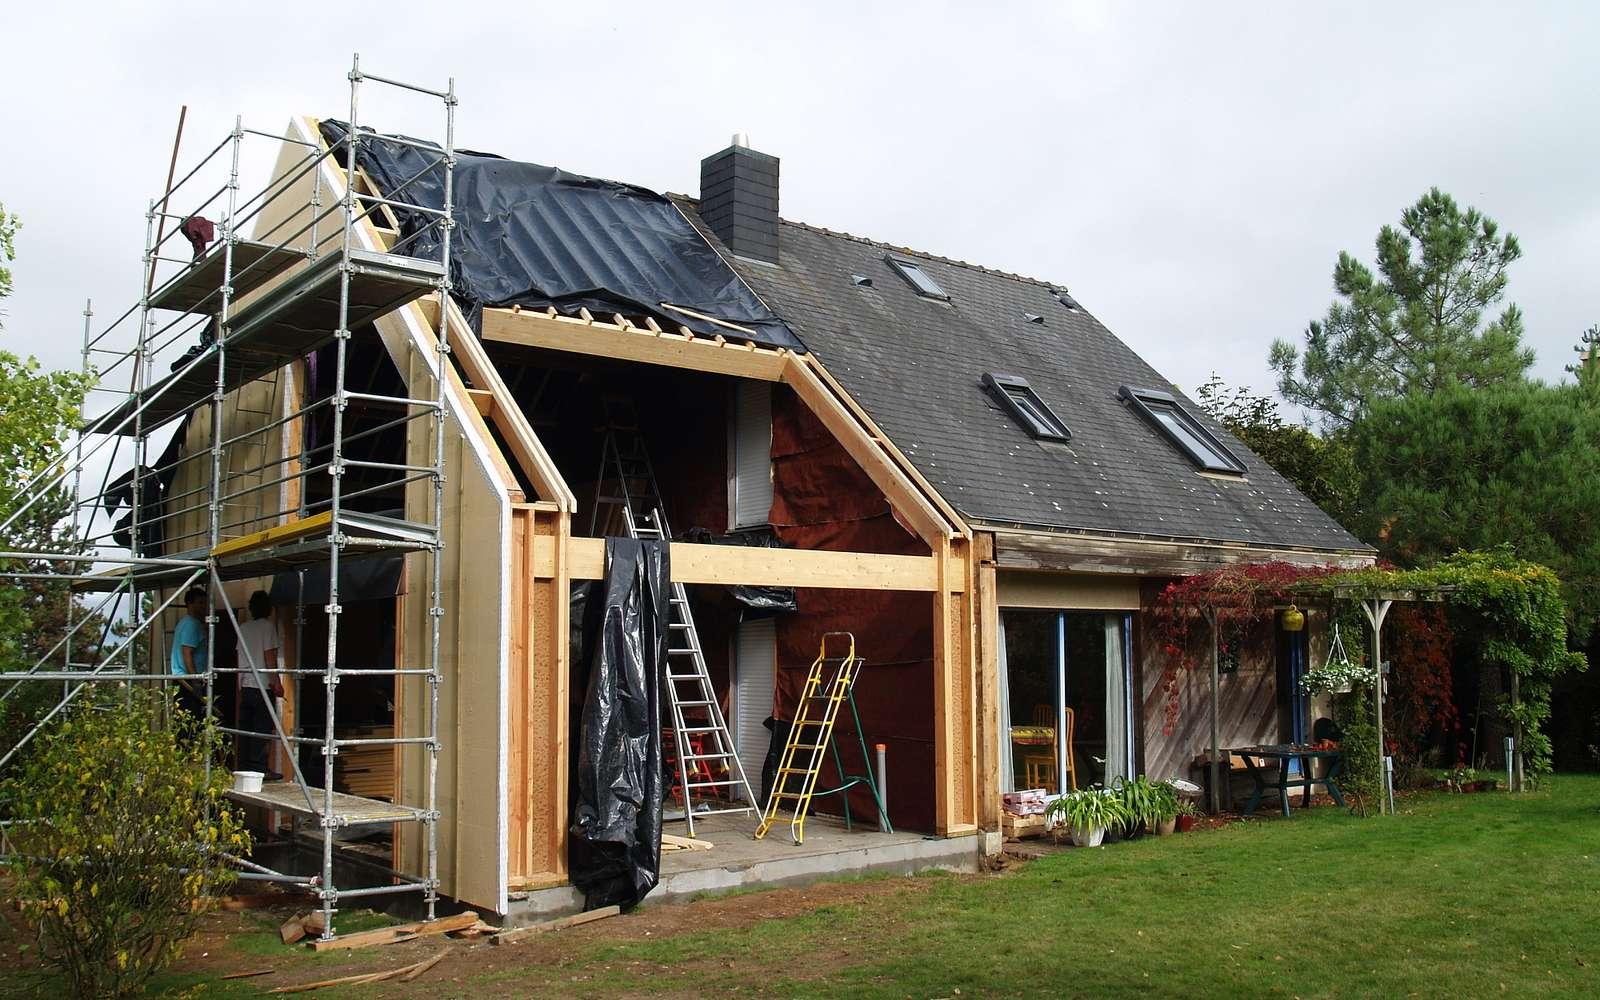 Des travaux de rénovation thermique peuvent aider à lutter contre la précarité énergétique. © Michèle Turbin, Flickr, CC by-sa 2.0